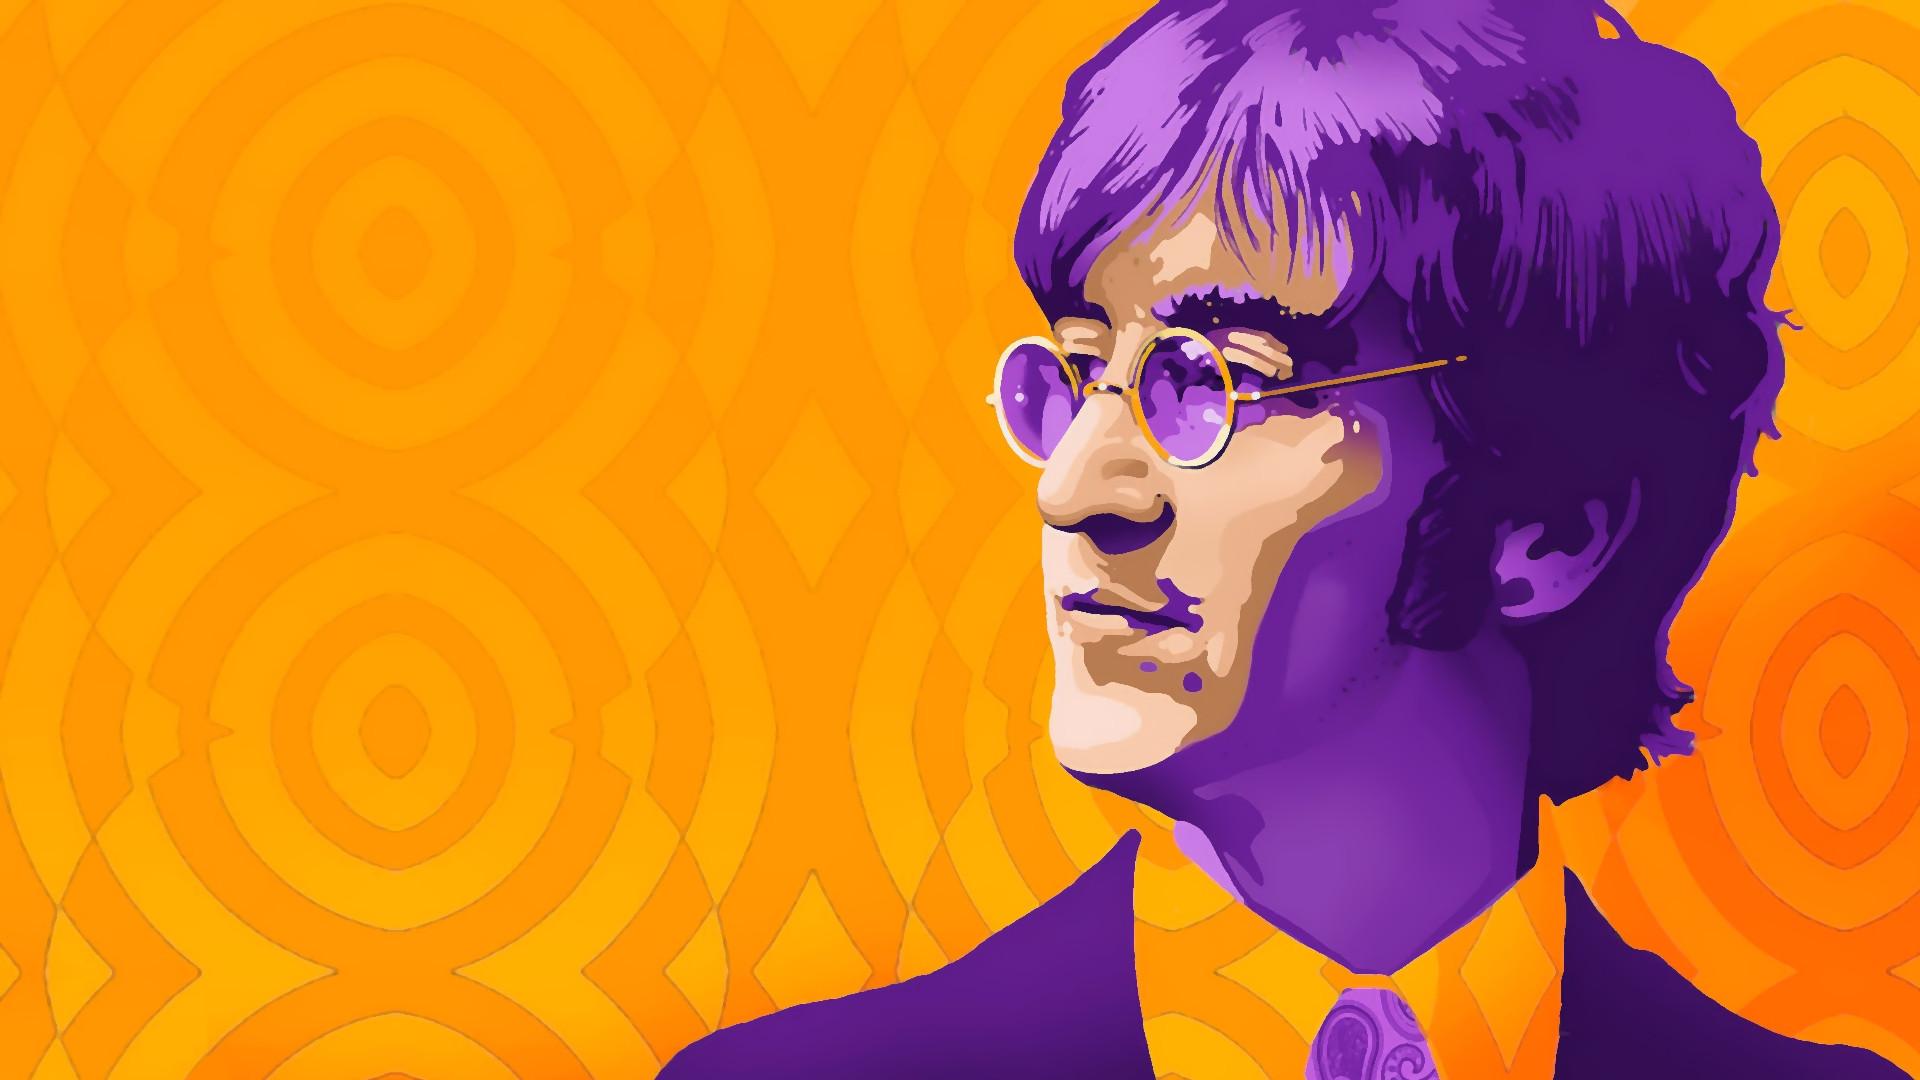 John Lennon Imagine Wallpaper 1920x1080